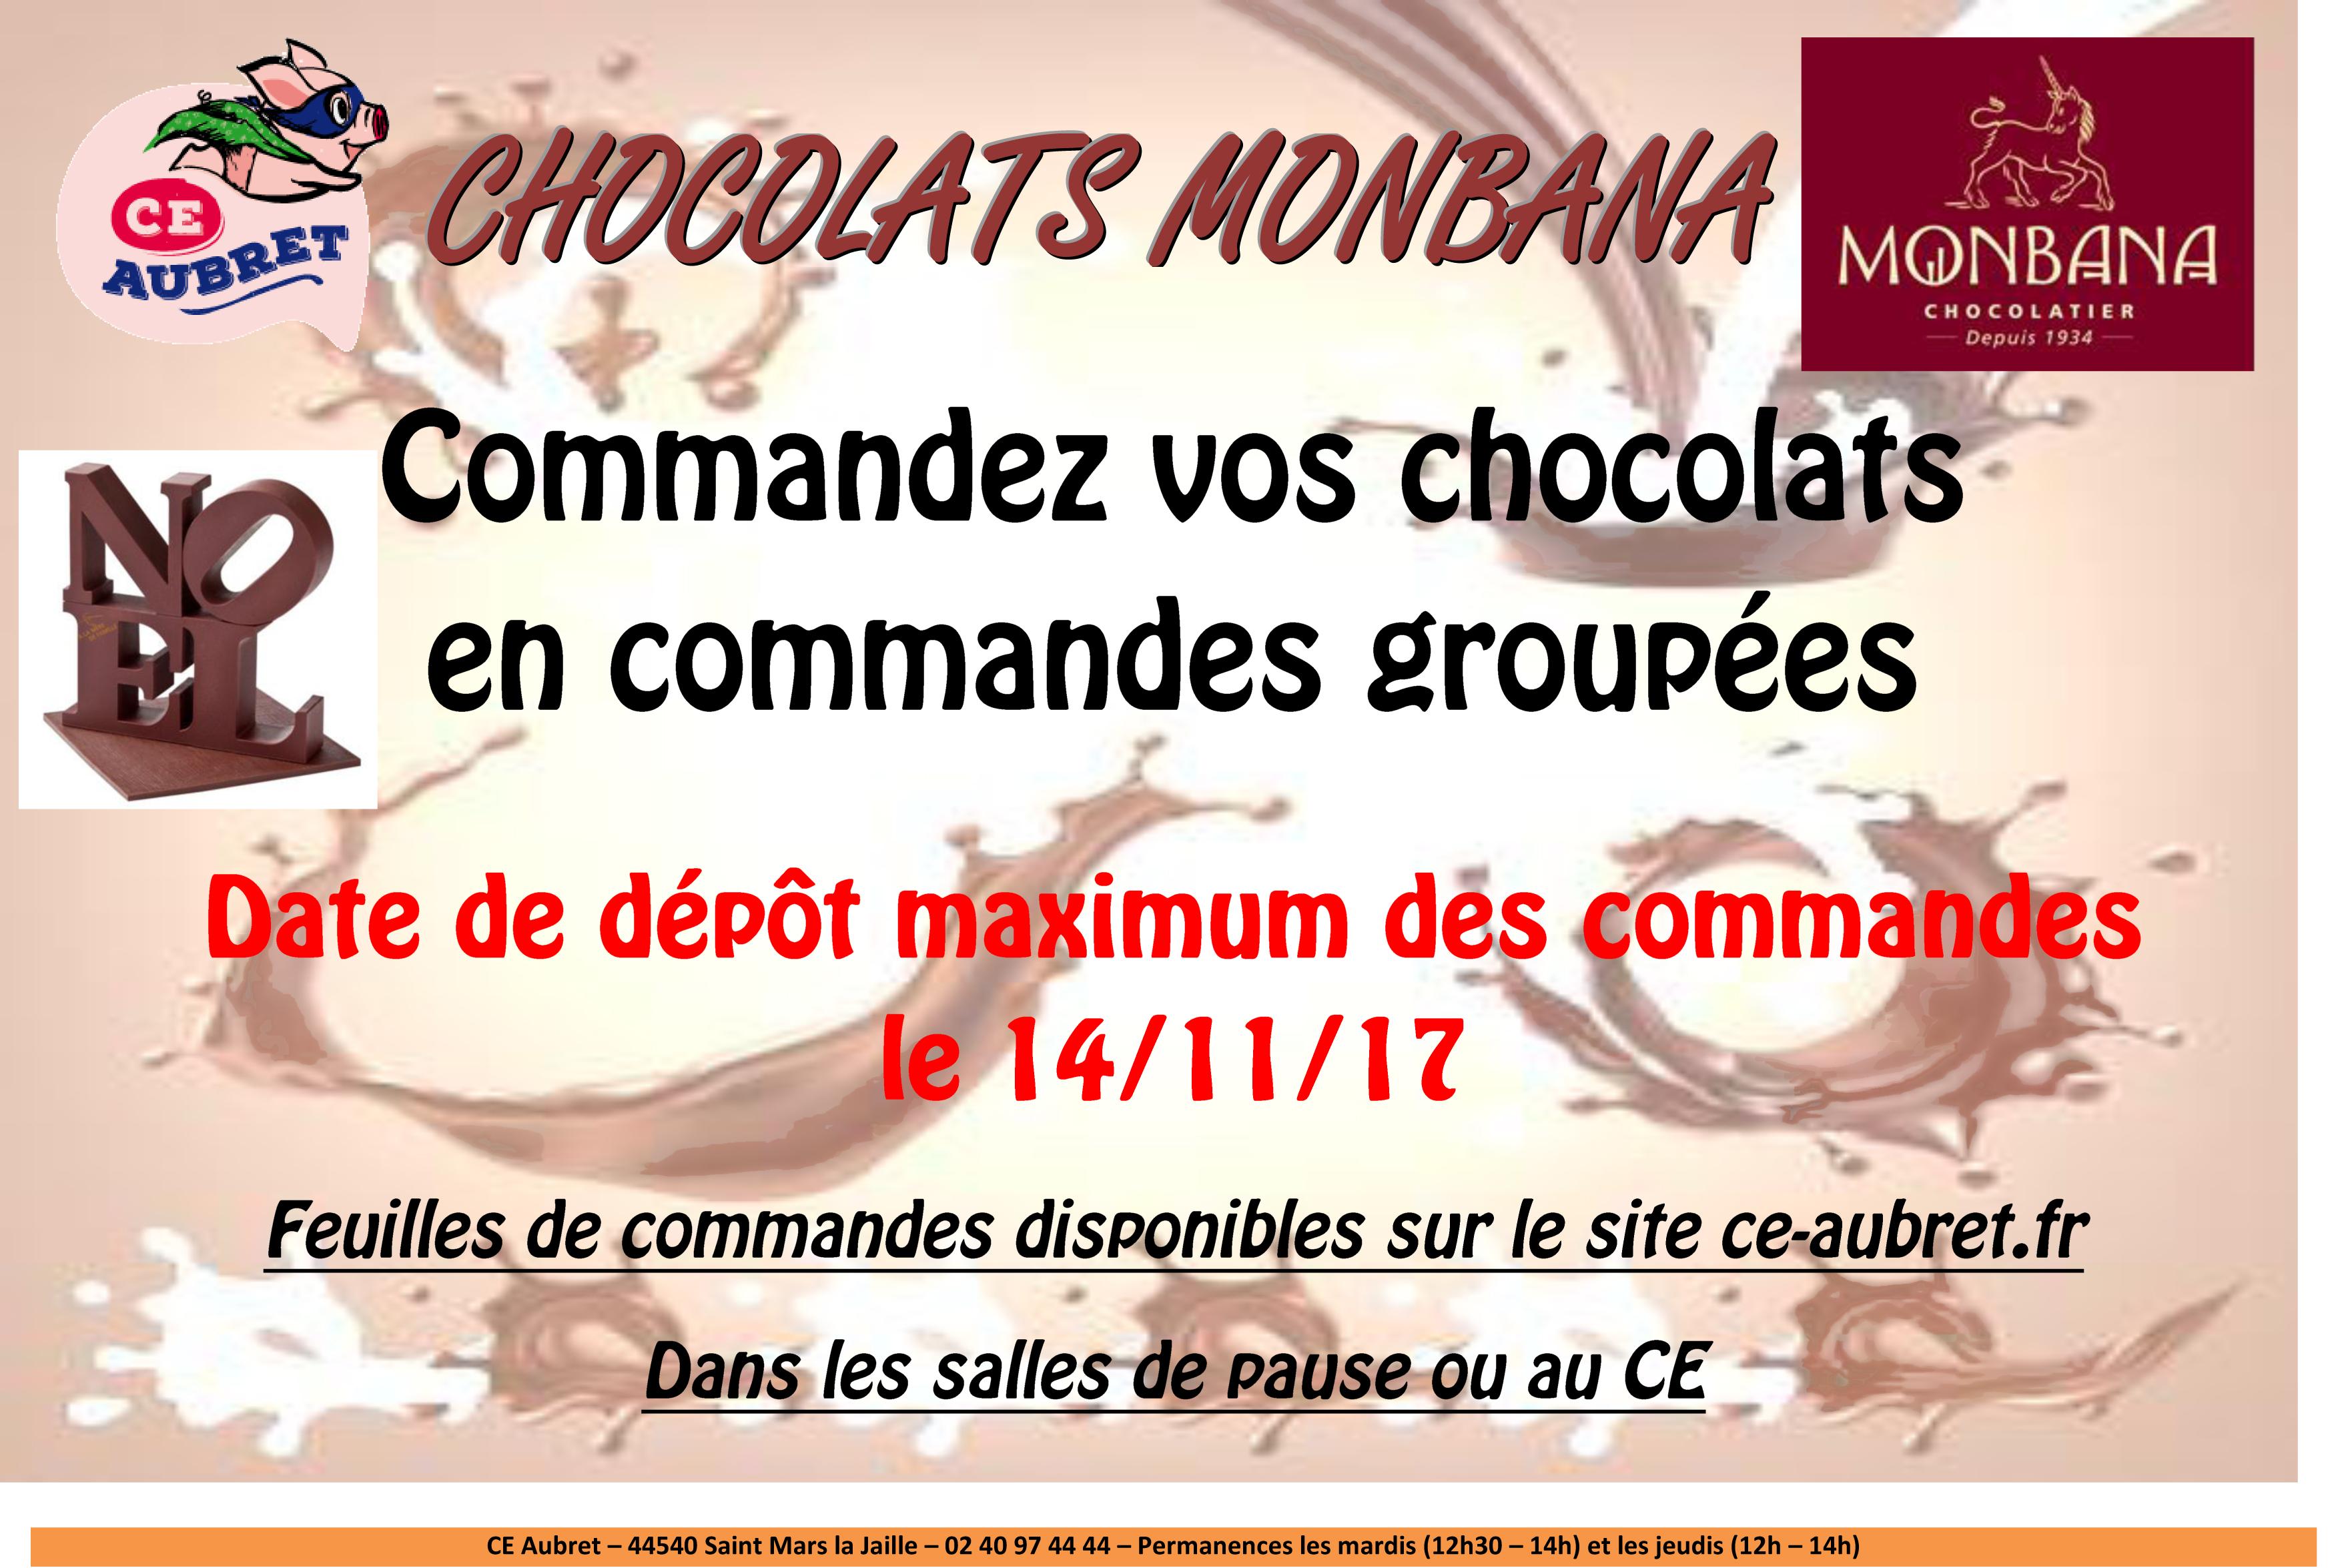 CHOCOLATS MONBANA